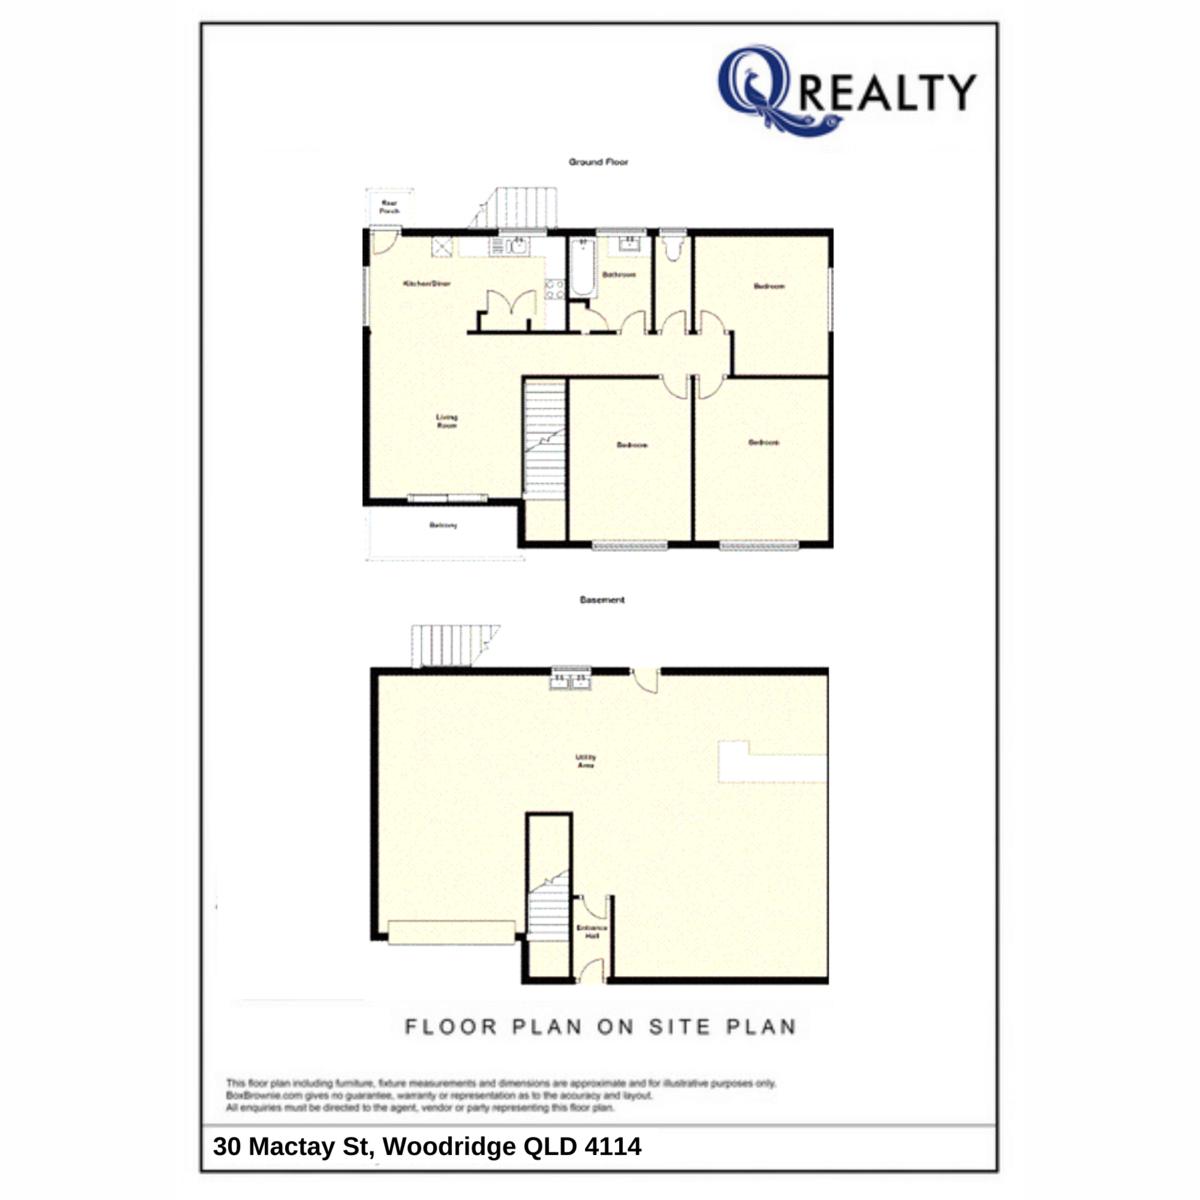 30 Mactay Street, Woodridge  QLD  4114